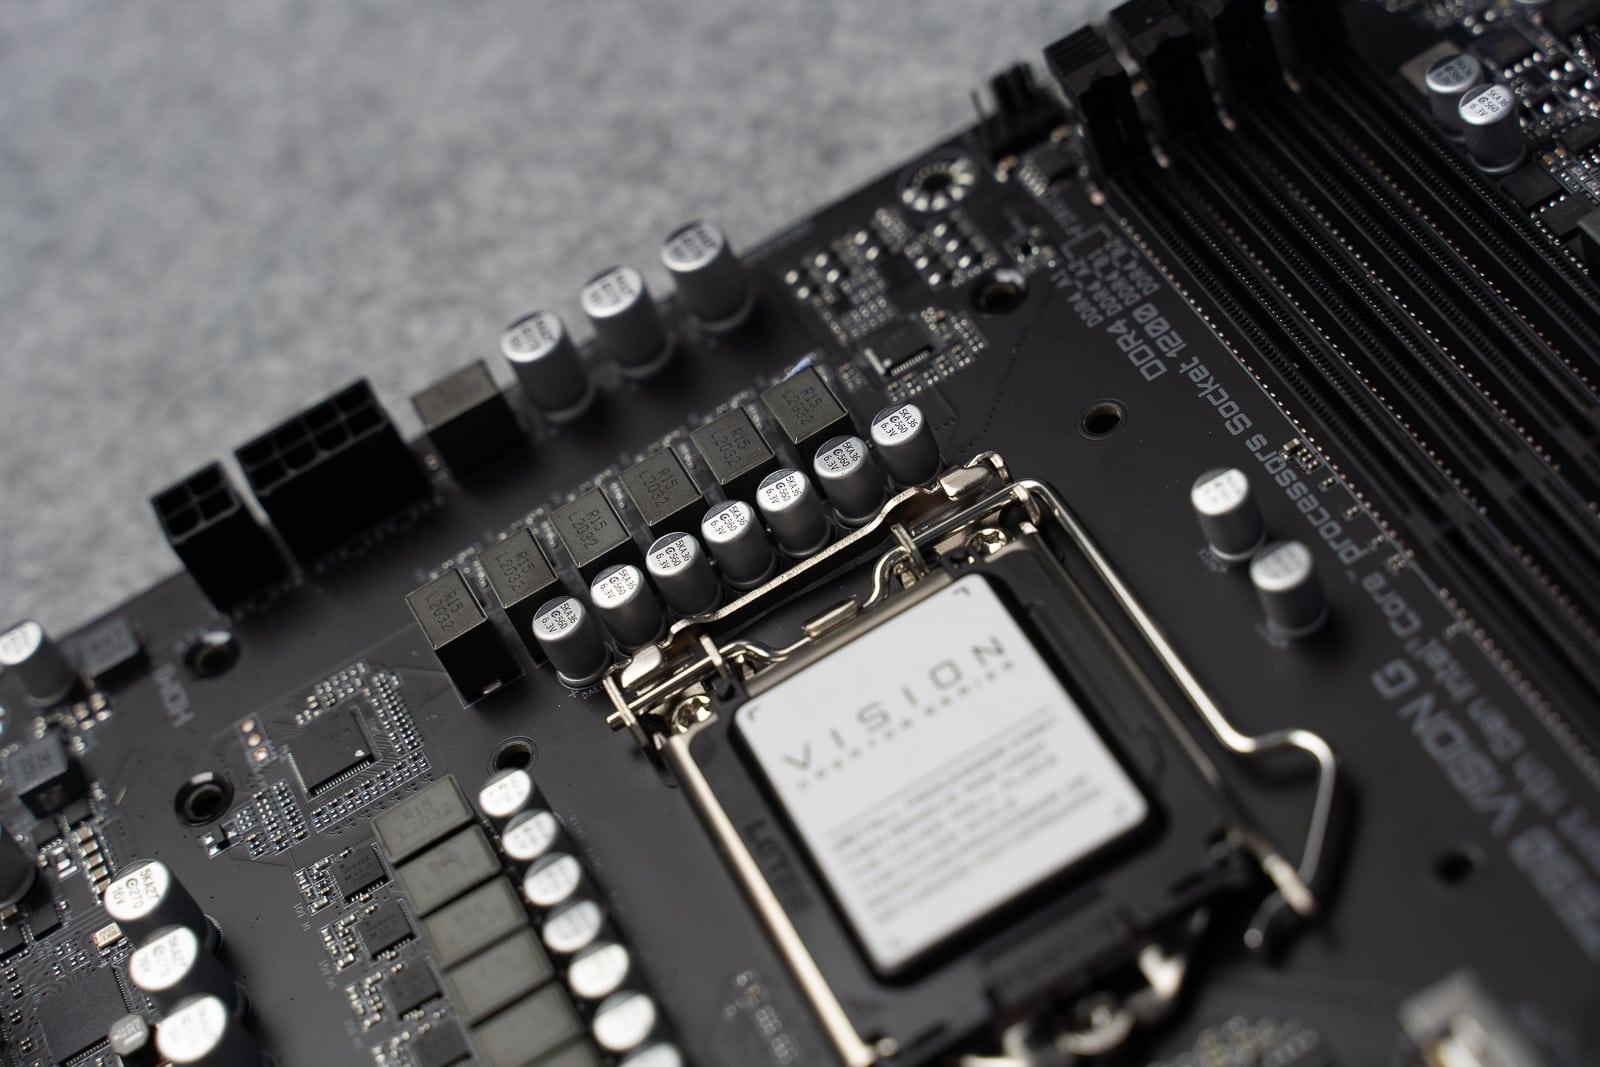 Nối tiếp với series bo mạch chủ VISION thì Z590 VISION G là một sản phẩm dành cho người dùng sáng tạo từ GIGABYTE được trang bị chipset Intel Z590.